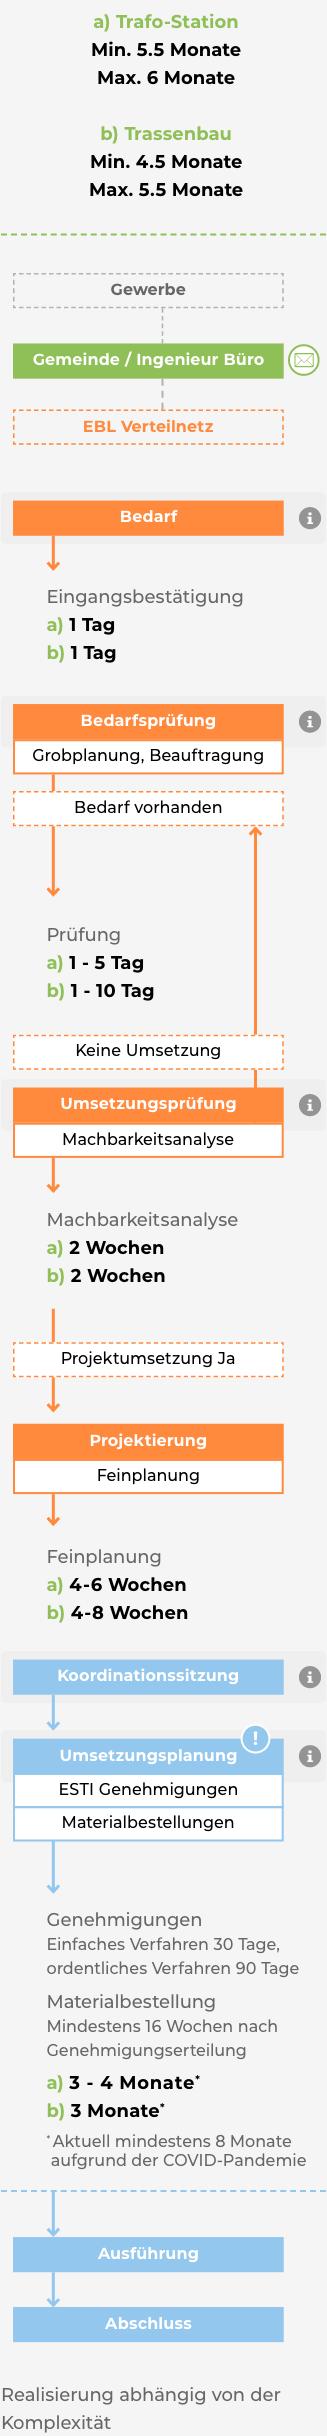 Netzablaufplan Mobile